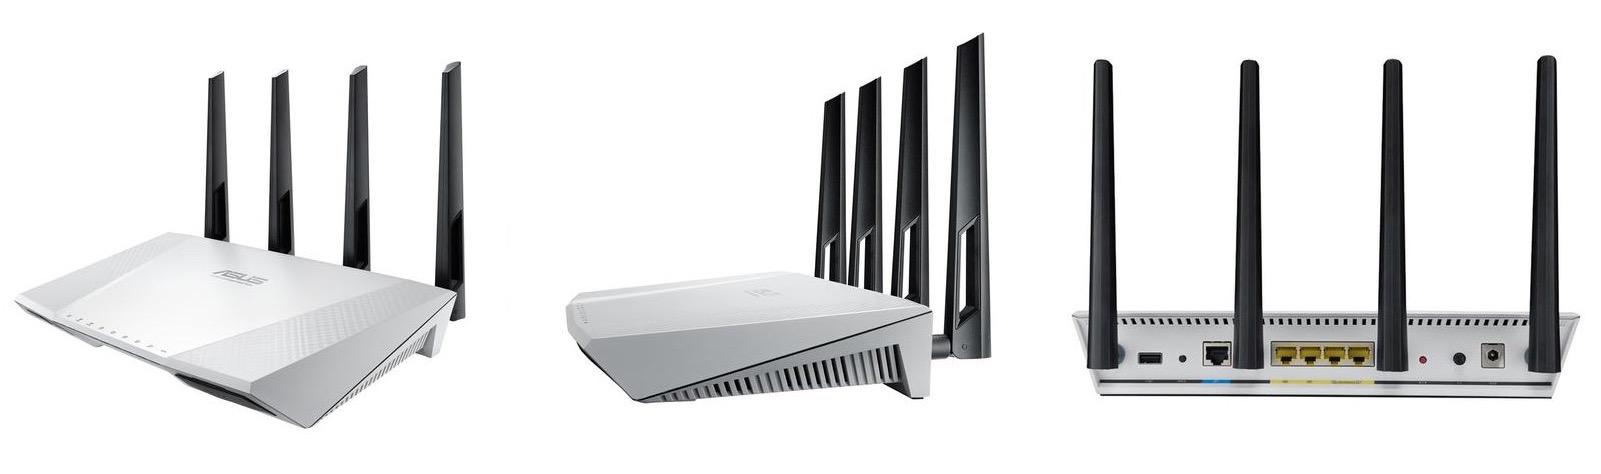 Asus W-Lan Router